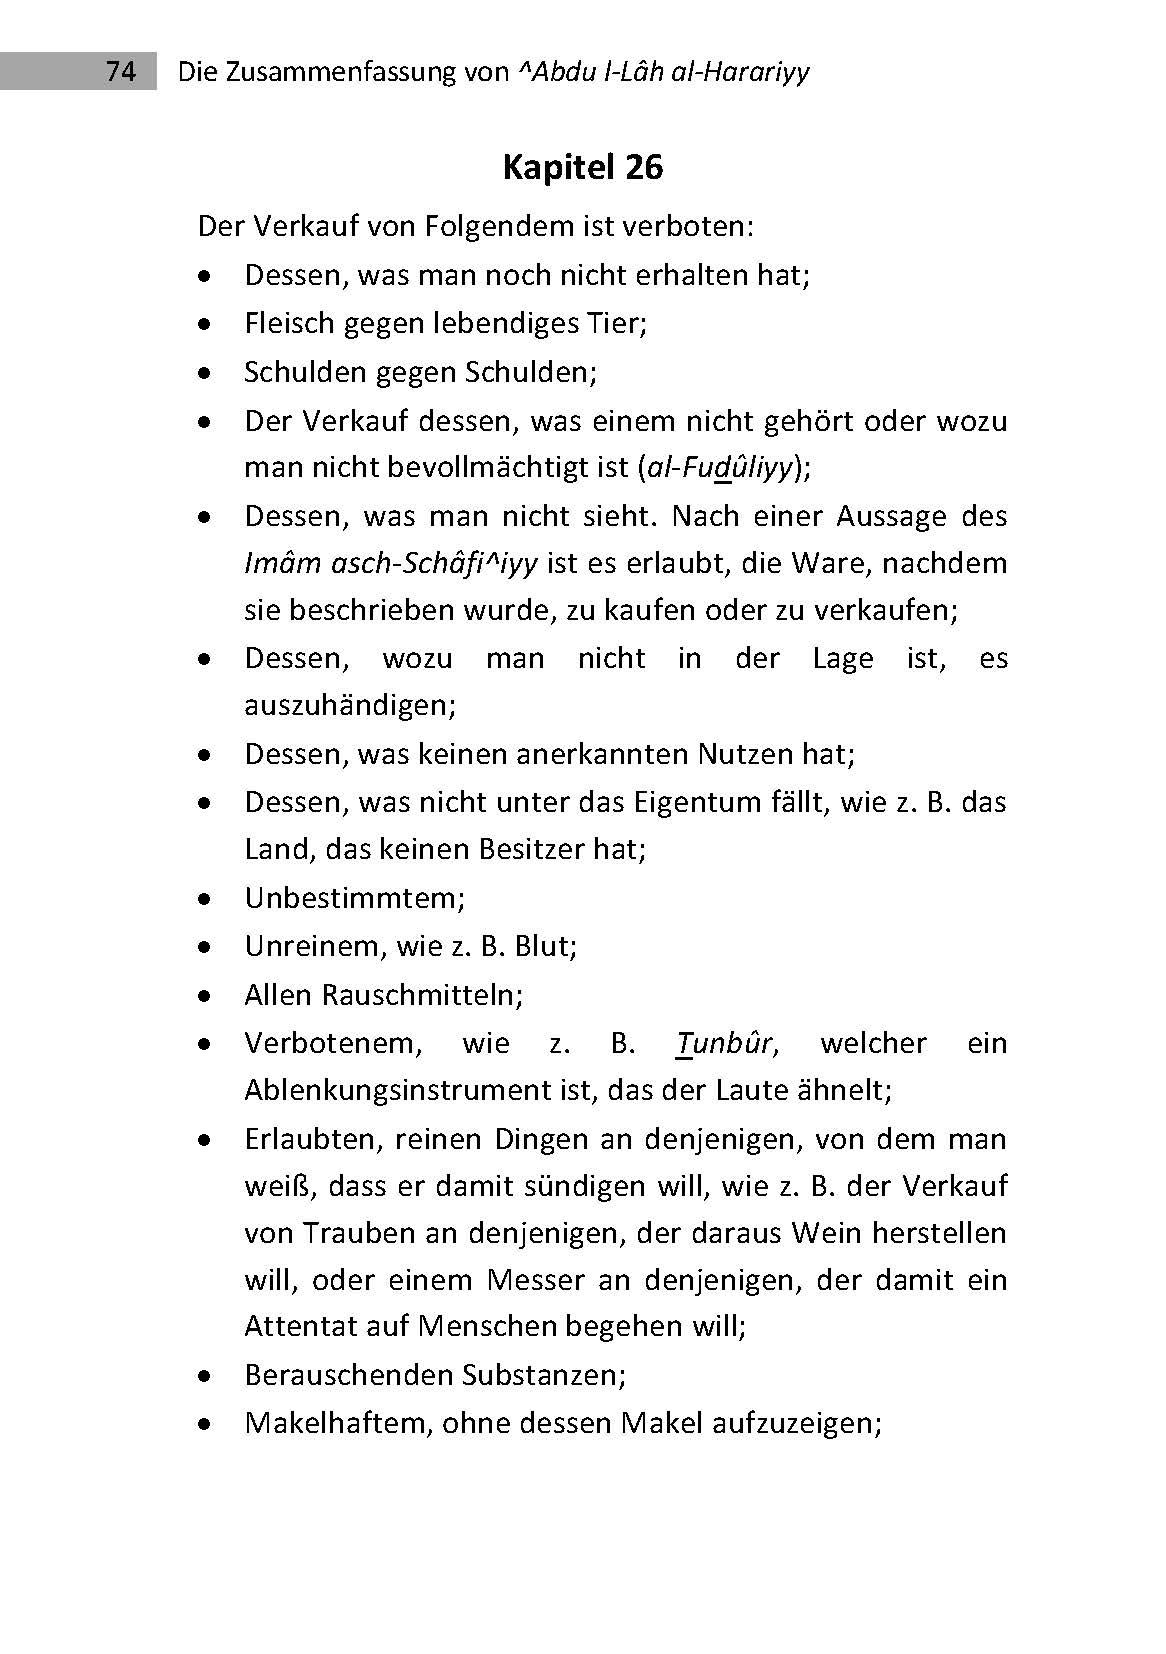 Die Zusammenfassung - 3. Auflage 2014_Seite_74